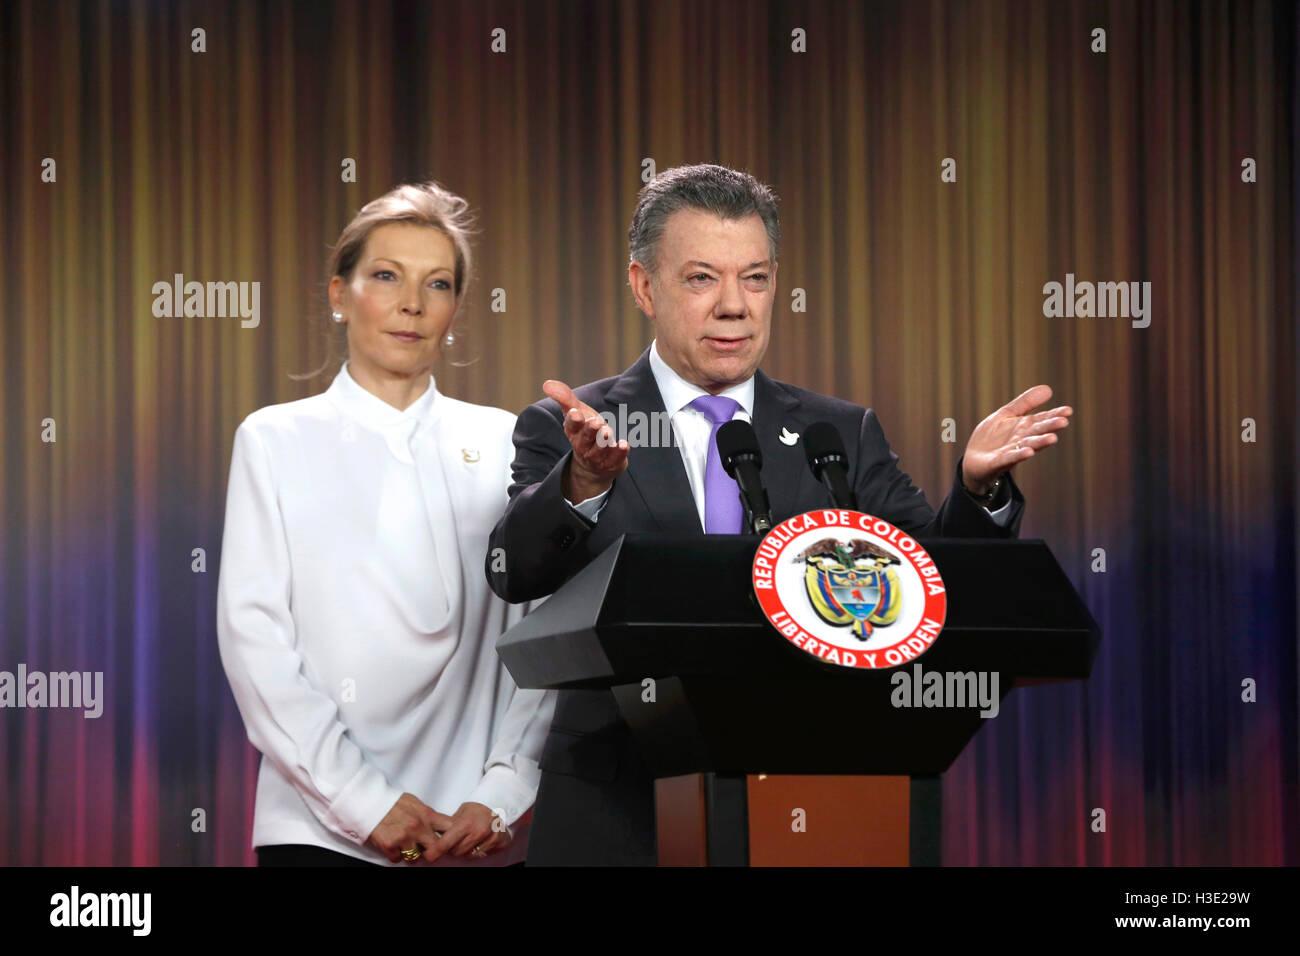 Bogotá, Colombia. 7 Oct, 2016. El Presidente de Colombia, Juan Manuel Santos (R) ofrece una declaración Imagen De Stock